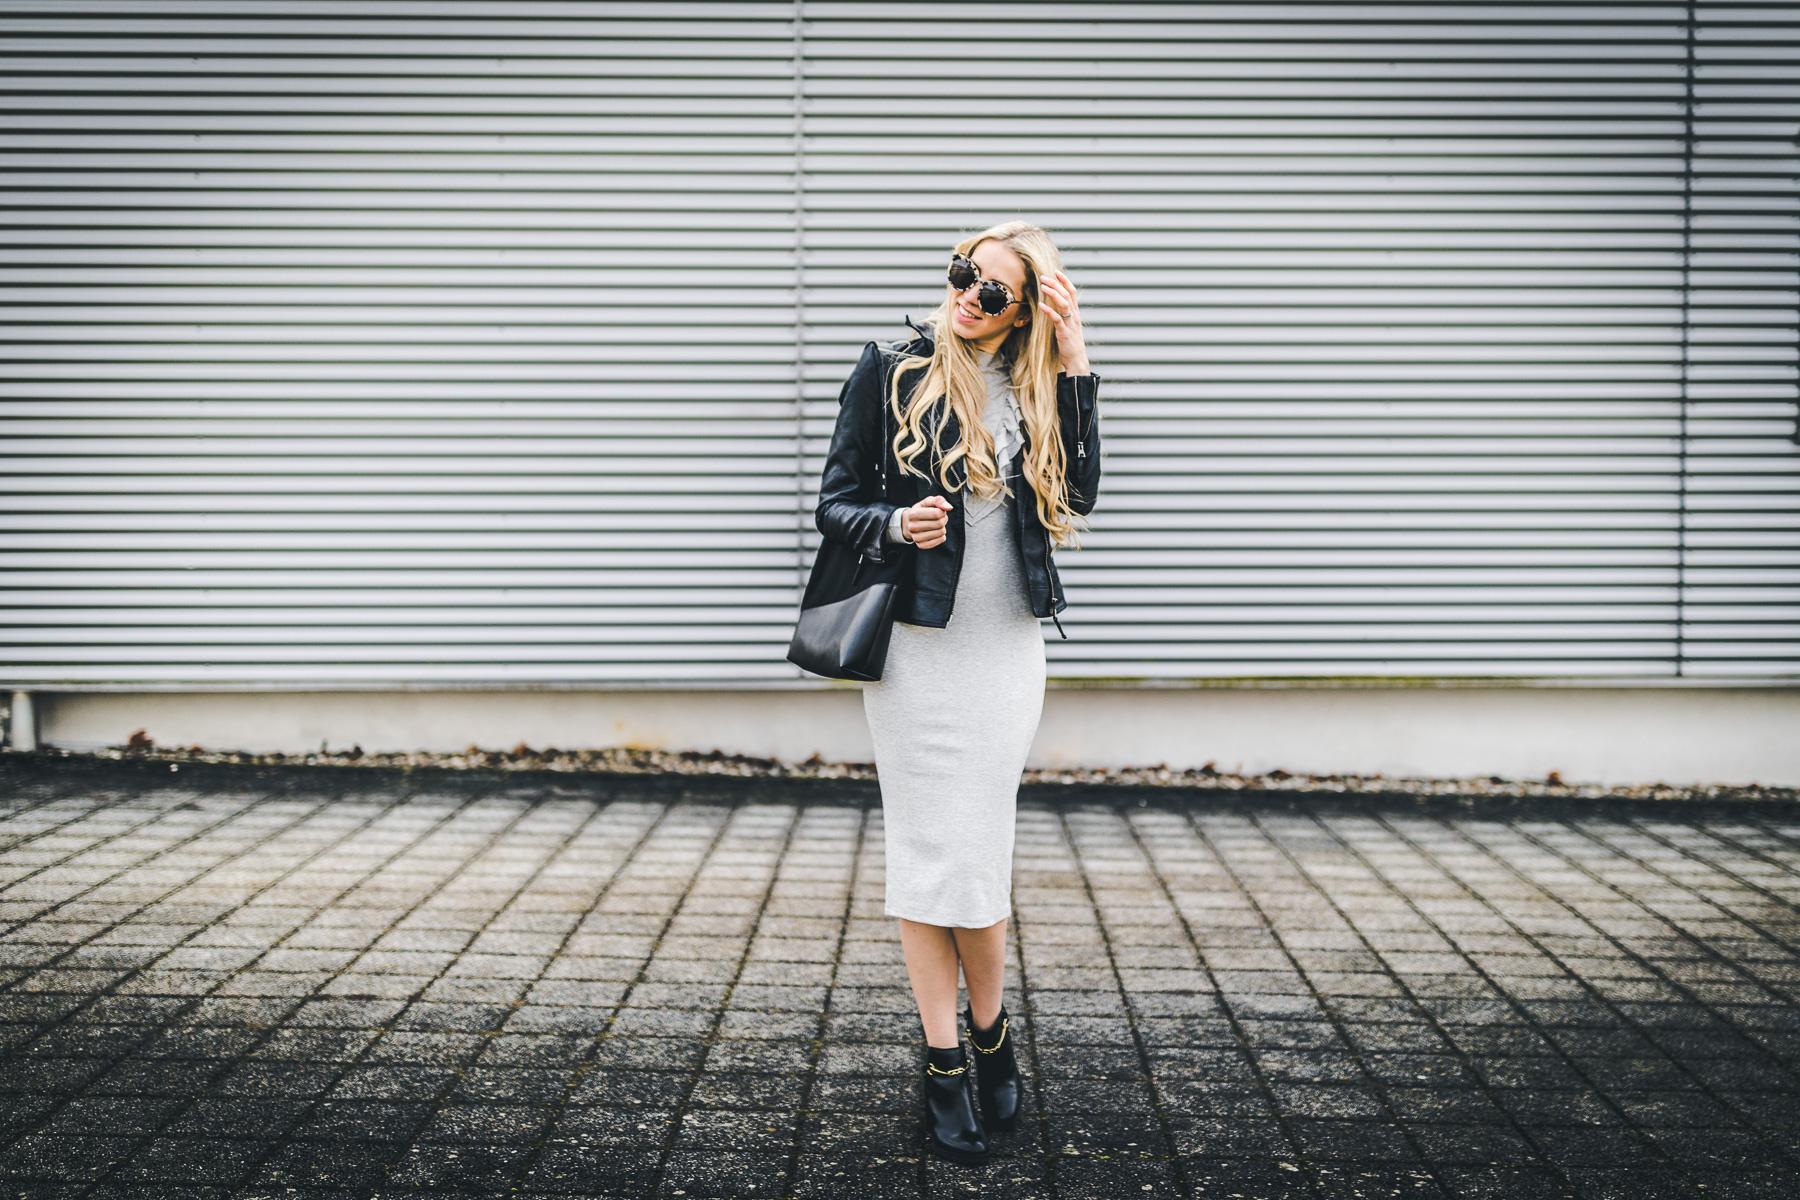 Tahti Bags Thuya Rüschen Kleid H&M grau jersey TK Maxx Boots Fritze aus Preussen Gentile Monster Brille Sonnenbrille Lockenstab Grundig Fashionblog Saarland Saarbrücken Homburg Modeblog Streetstyle